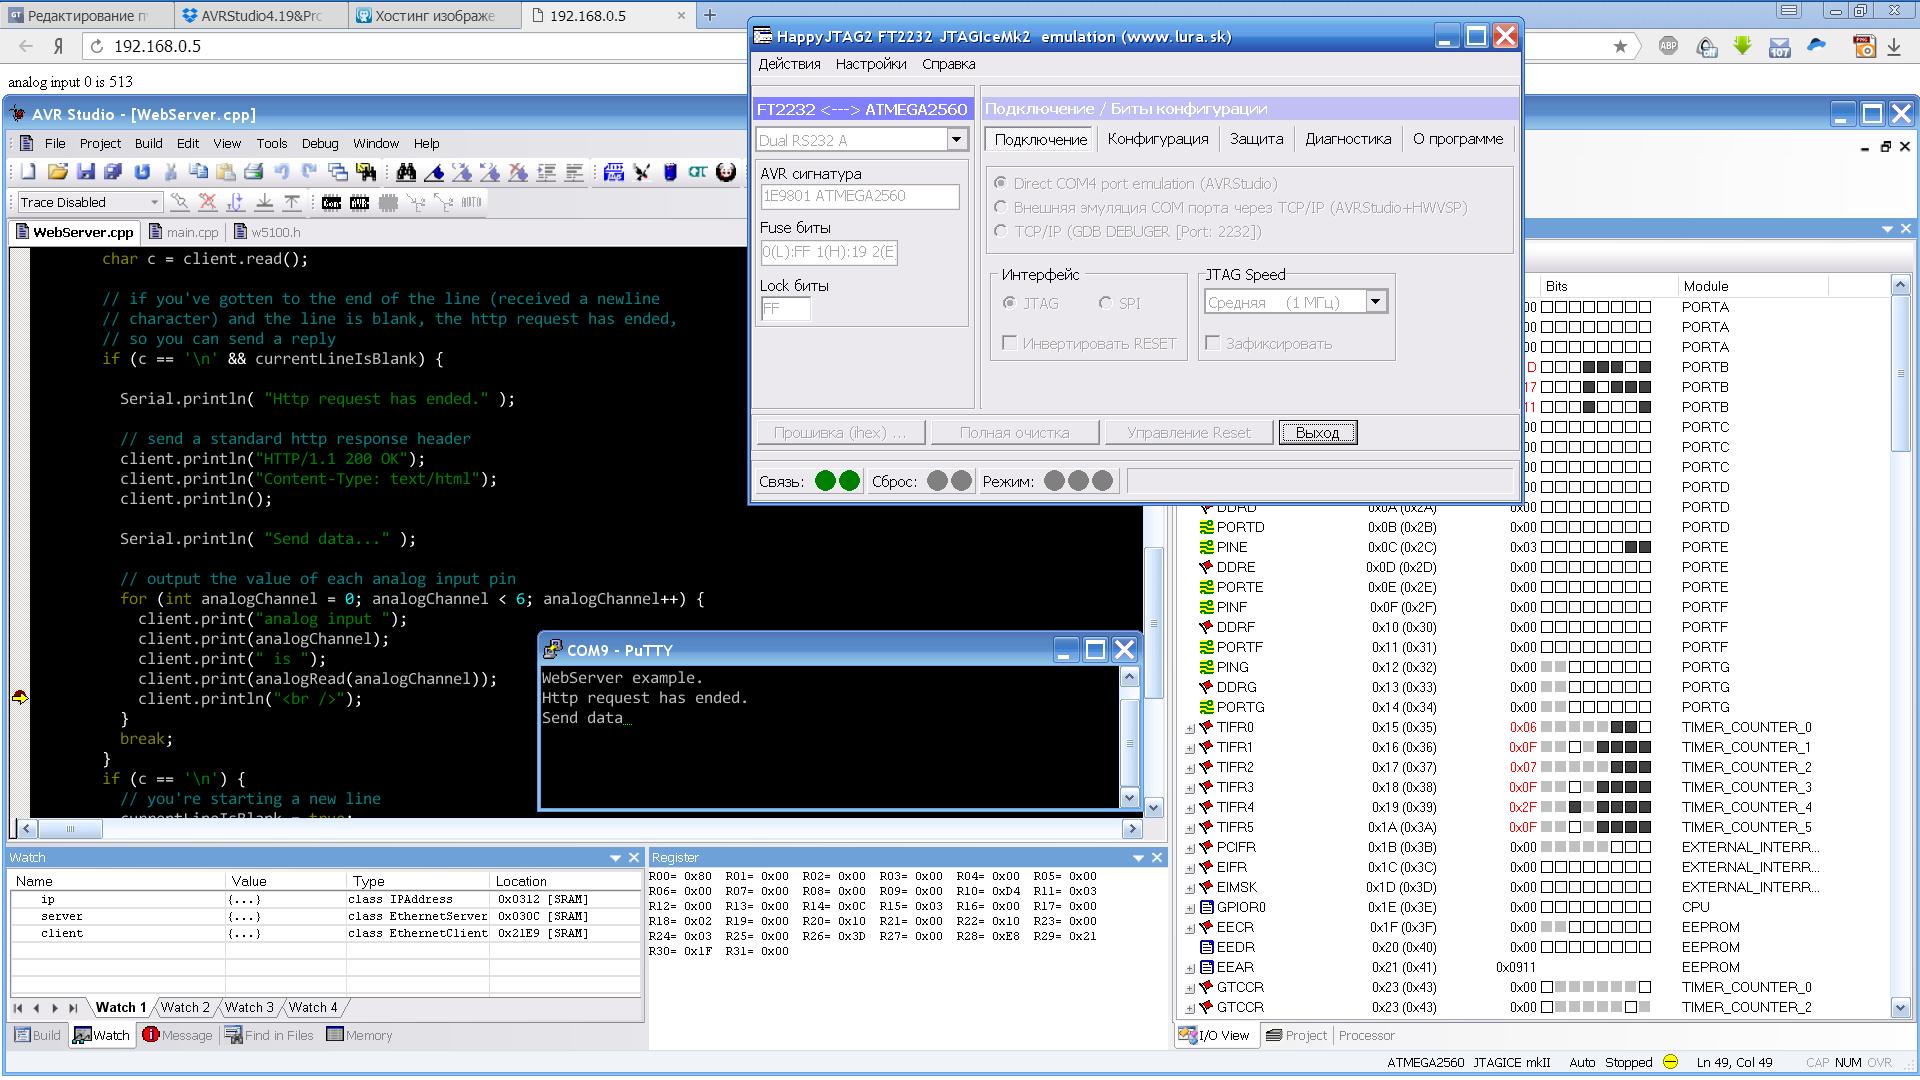 Отладка кода Arduino (AVR)  Часть 1  Виртуальная отладка / Хабр